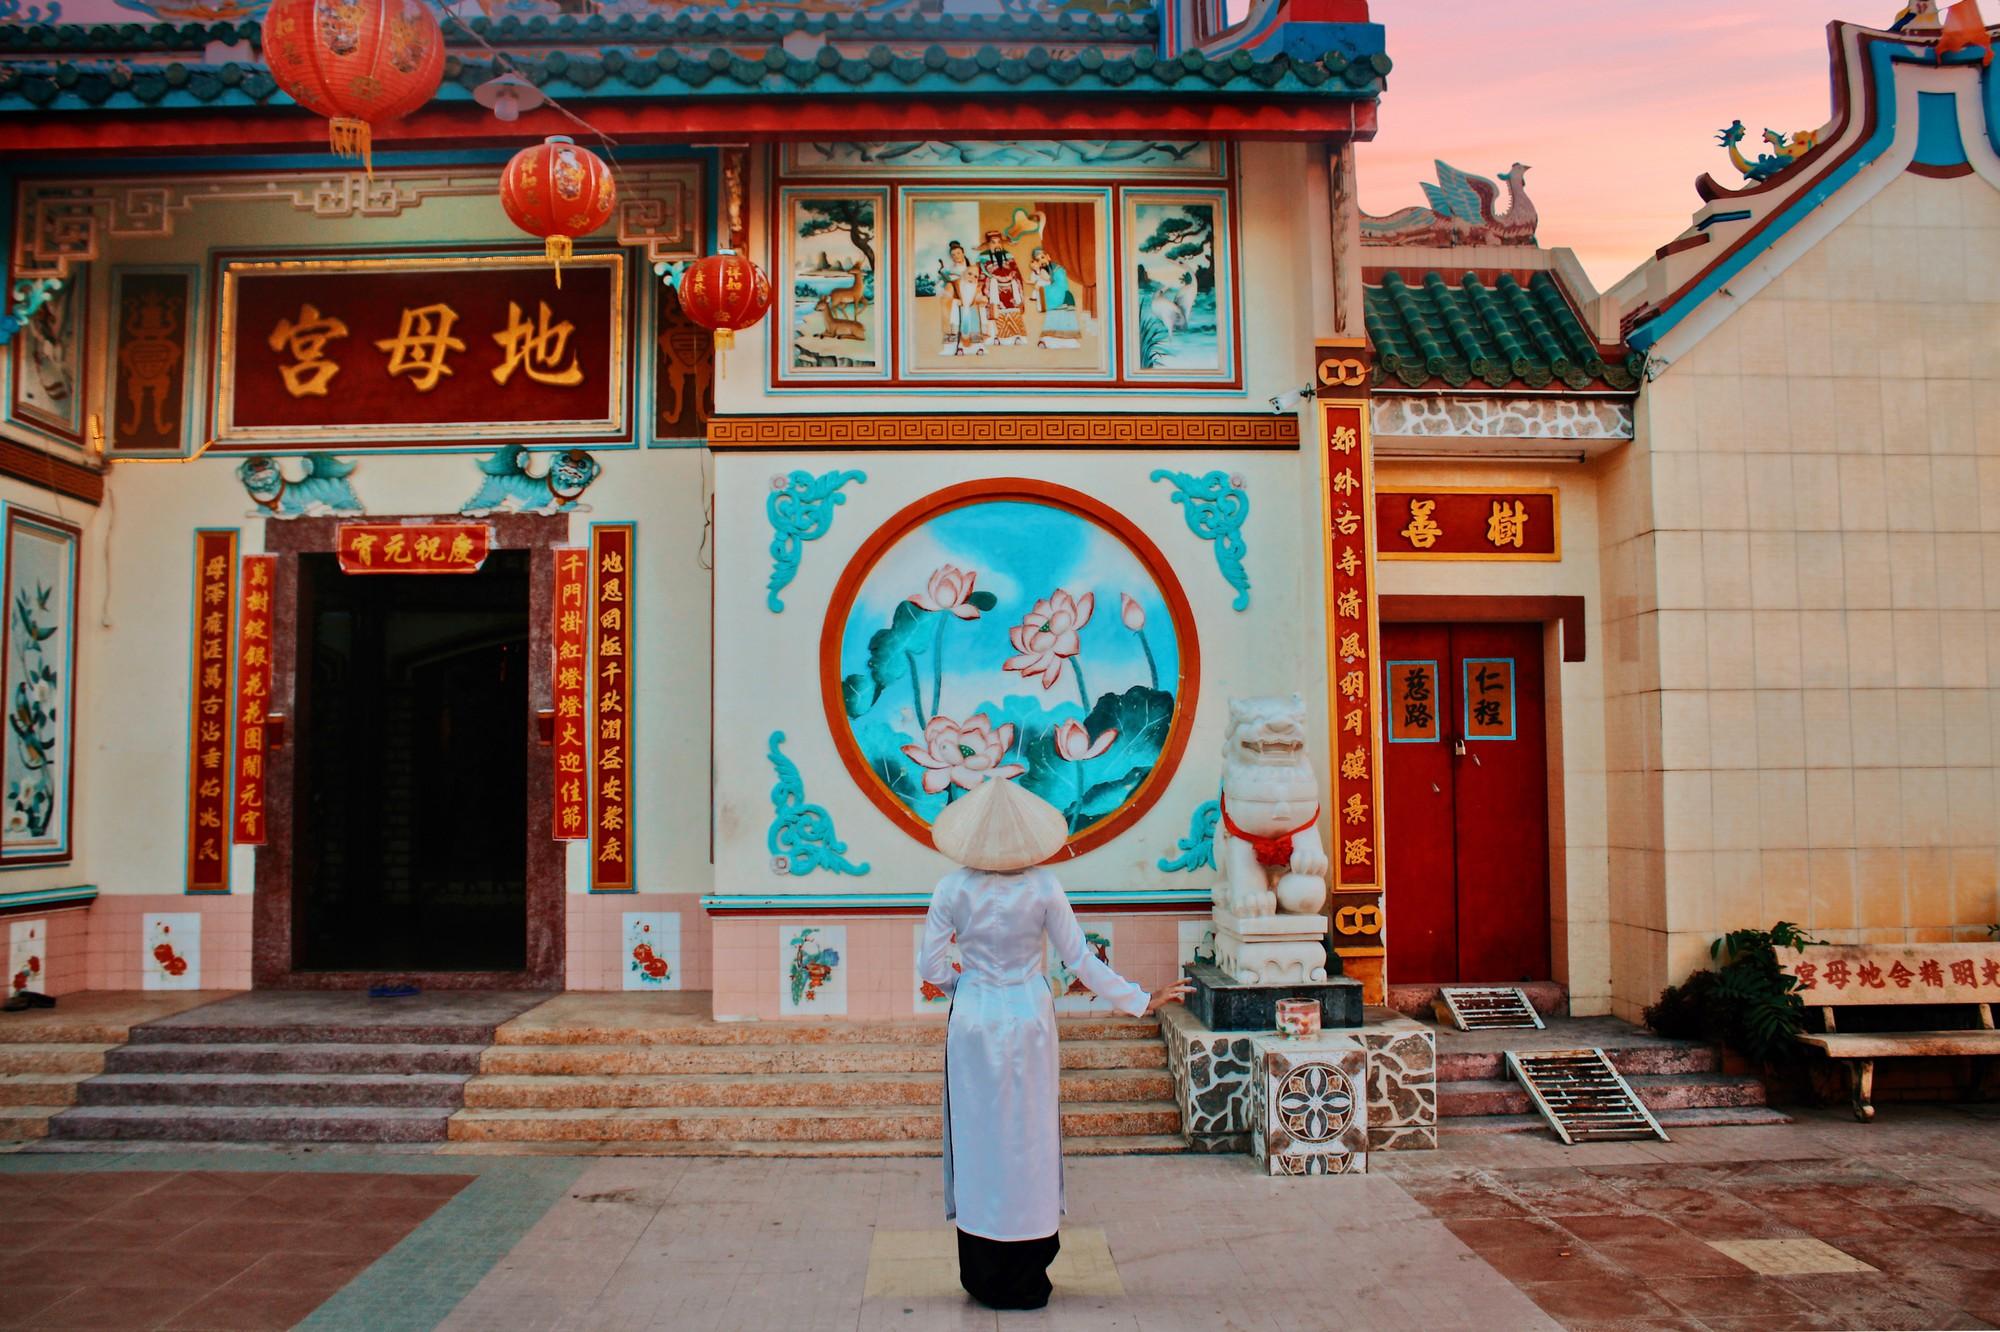 Cổng chùa được trang trí khá bắt mắt và sặc sỡ.